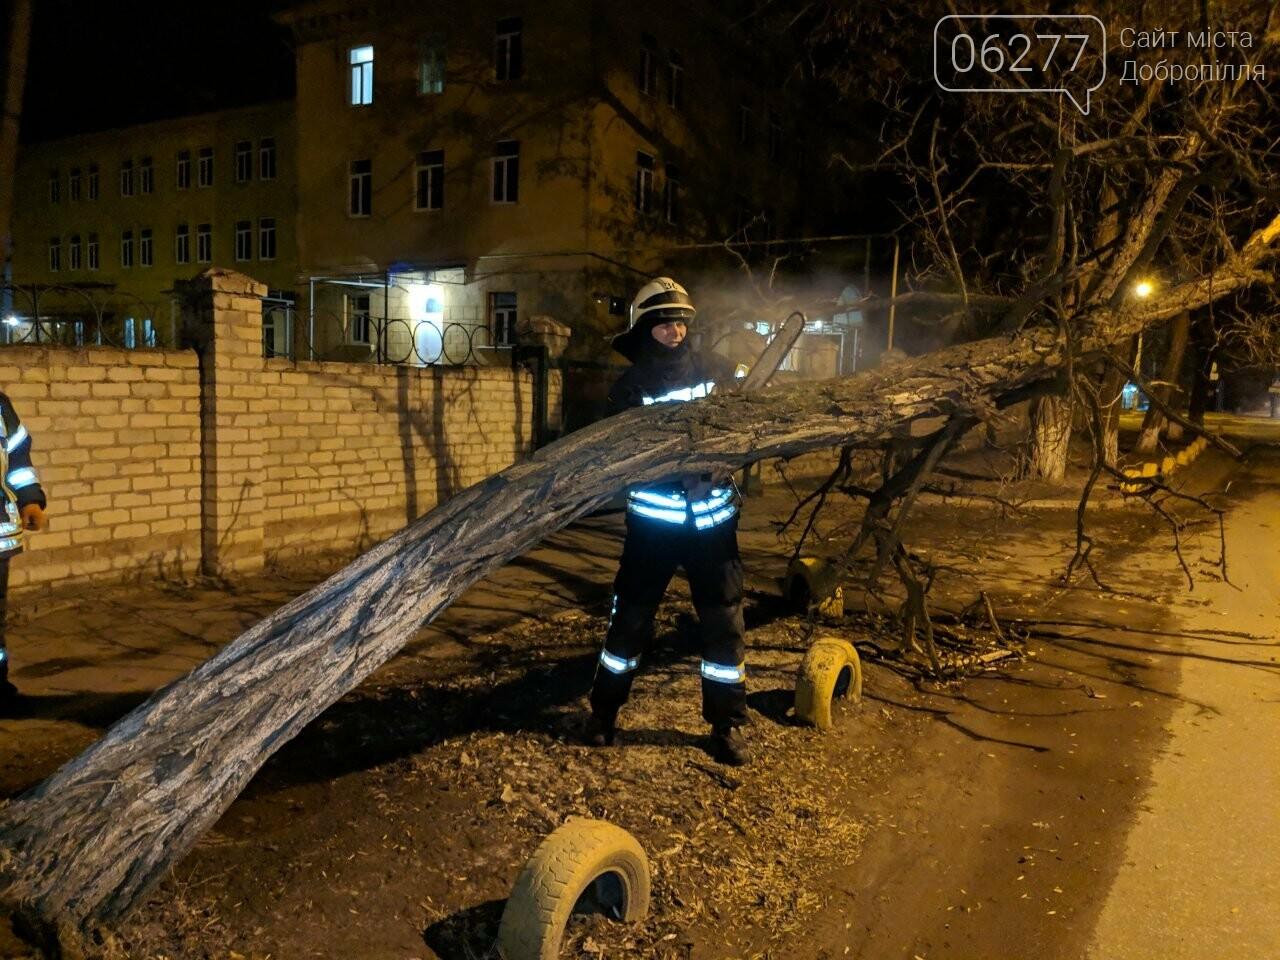 Наслідки штормовогу вітру: у Добропіллі впало дерево на проїжджу частину, фото-2